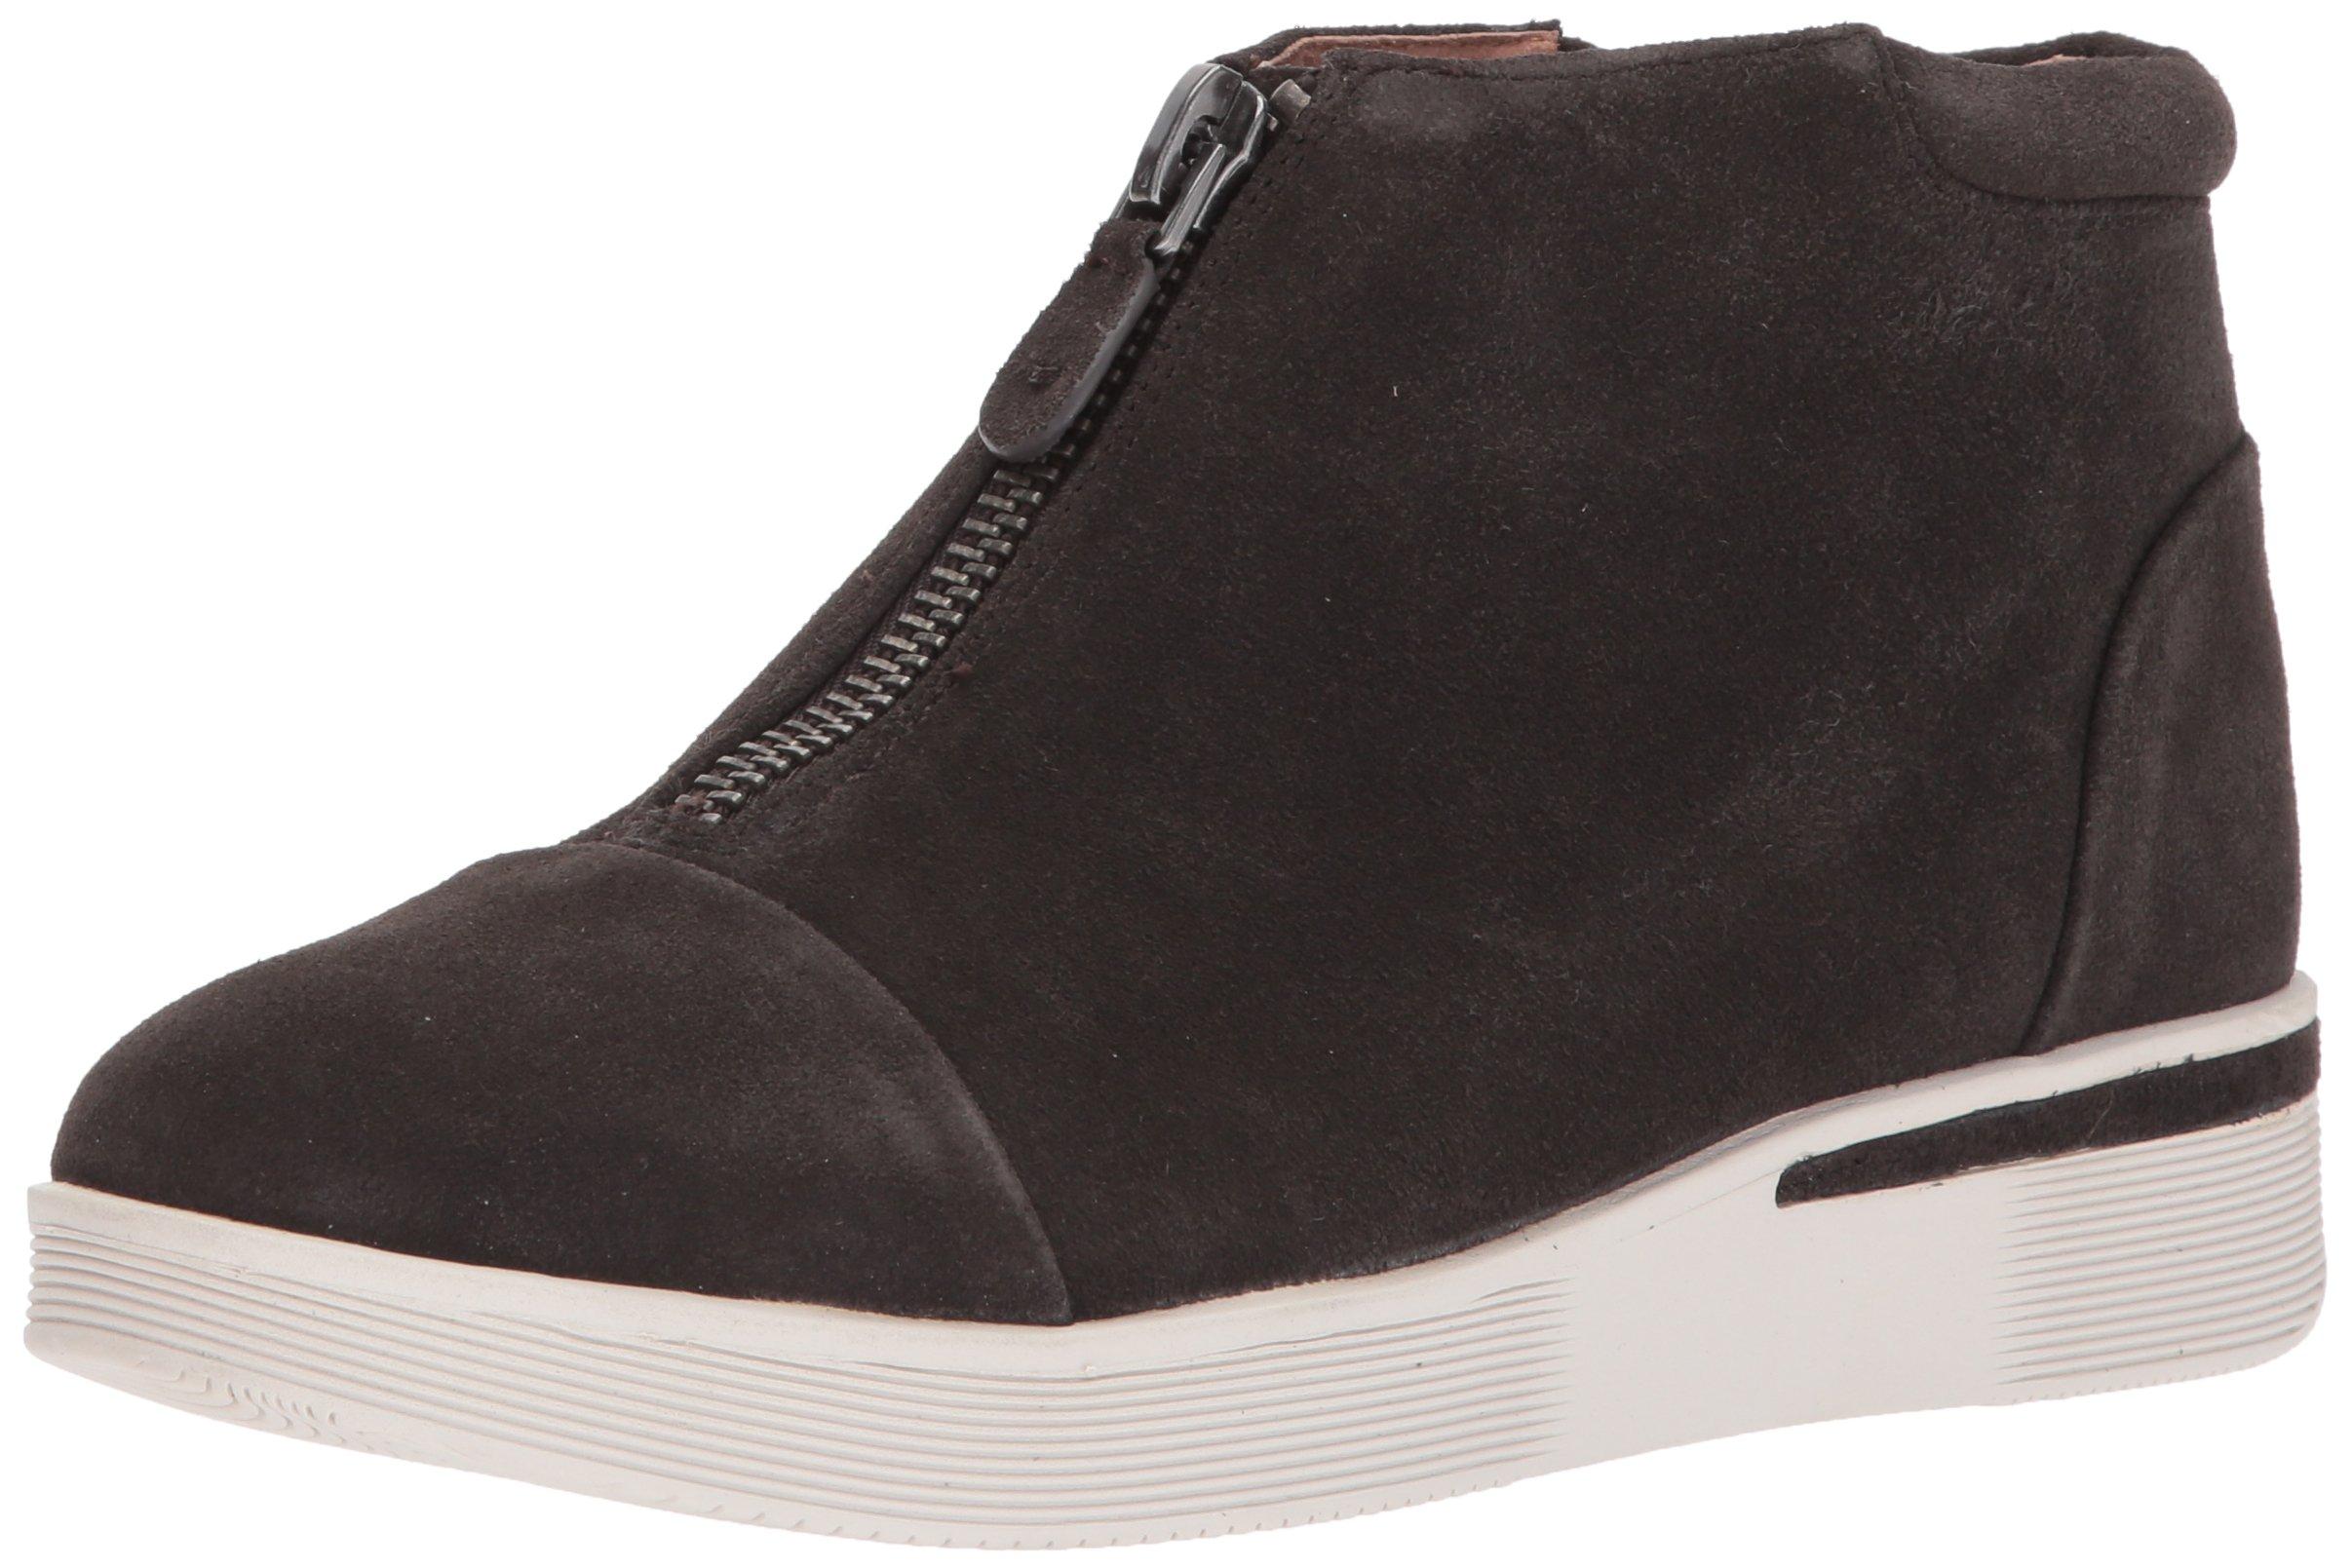 Gentle Souls Women's Hazel-Fay Platform Midtop Front Zip Sneaker, Asphault, 8.5 Medium US